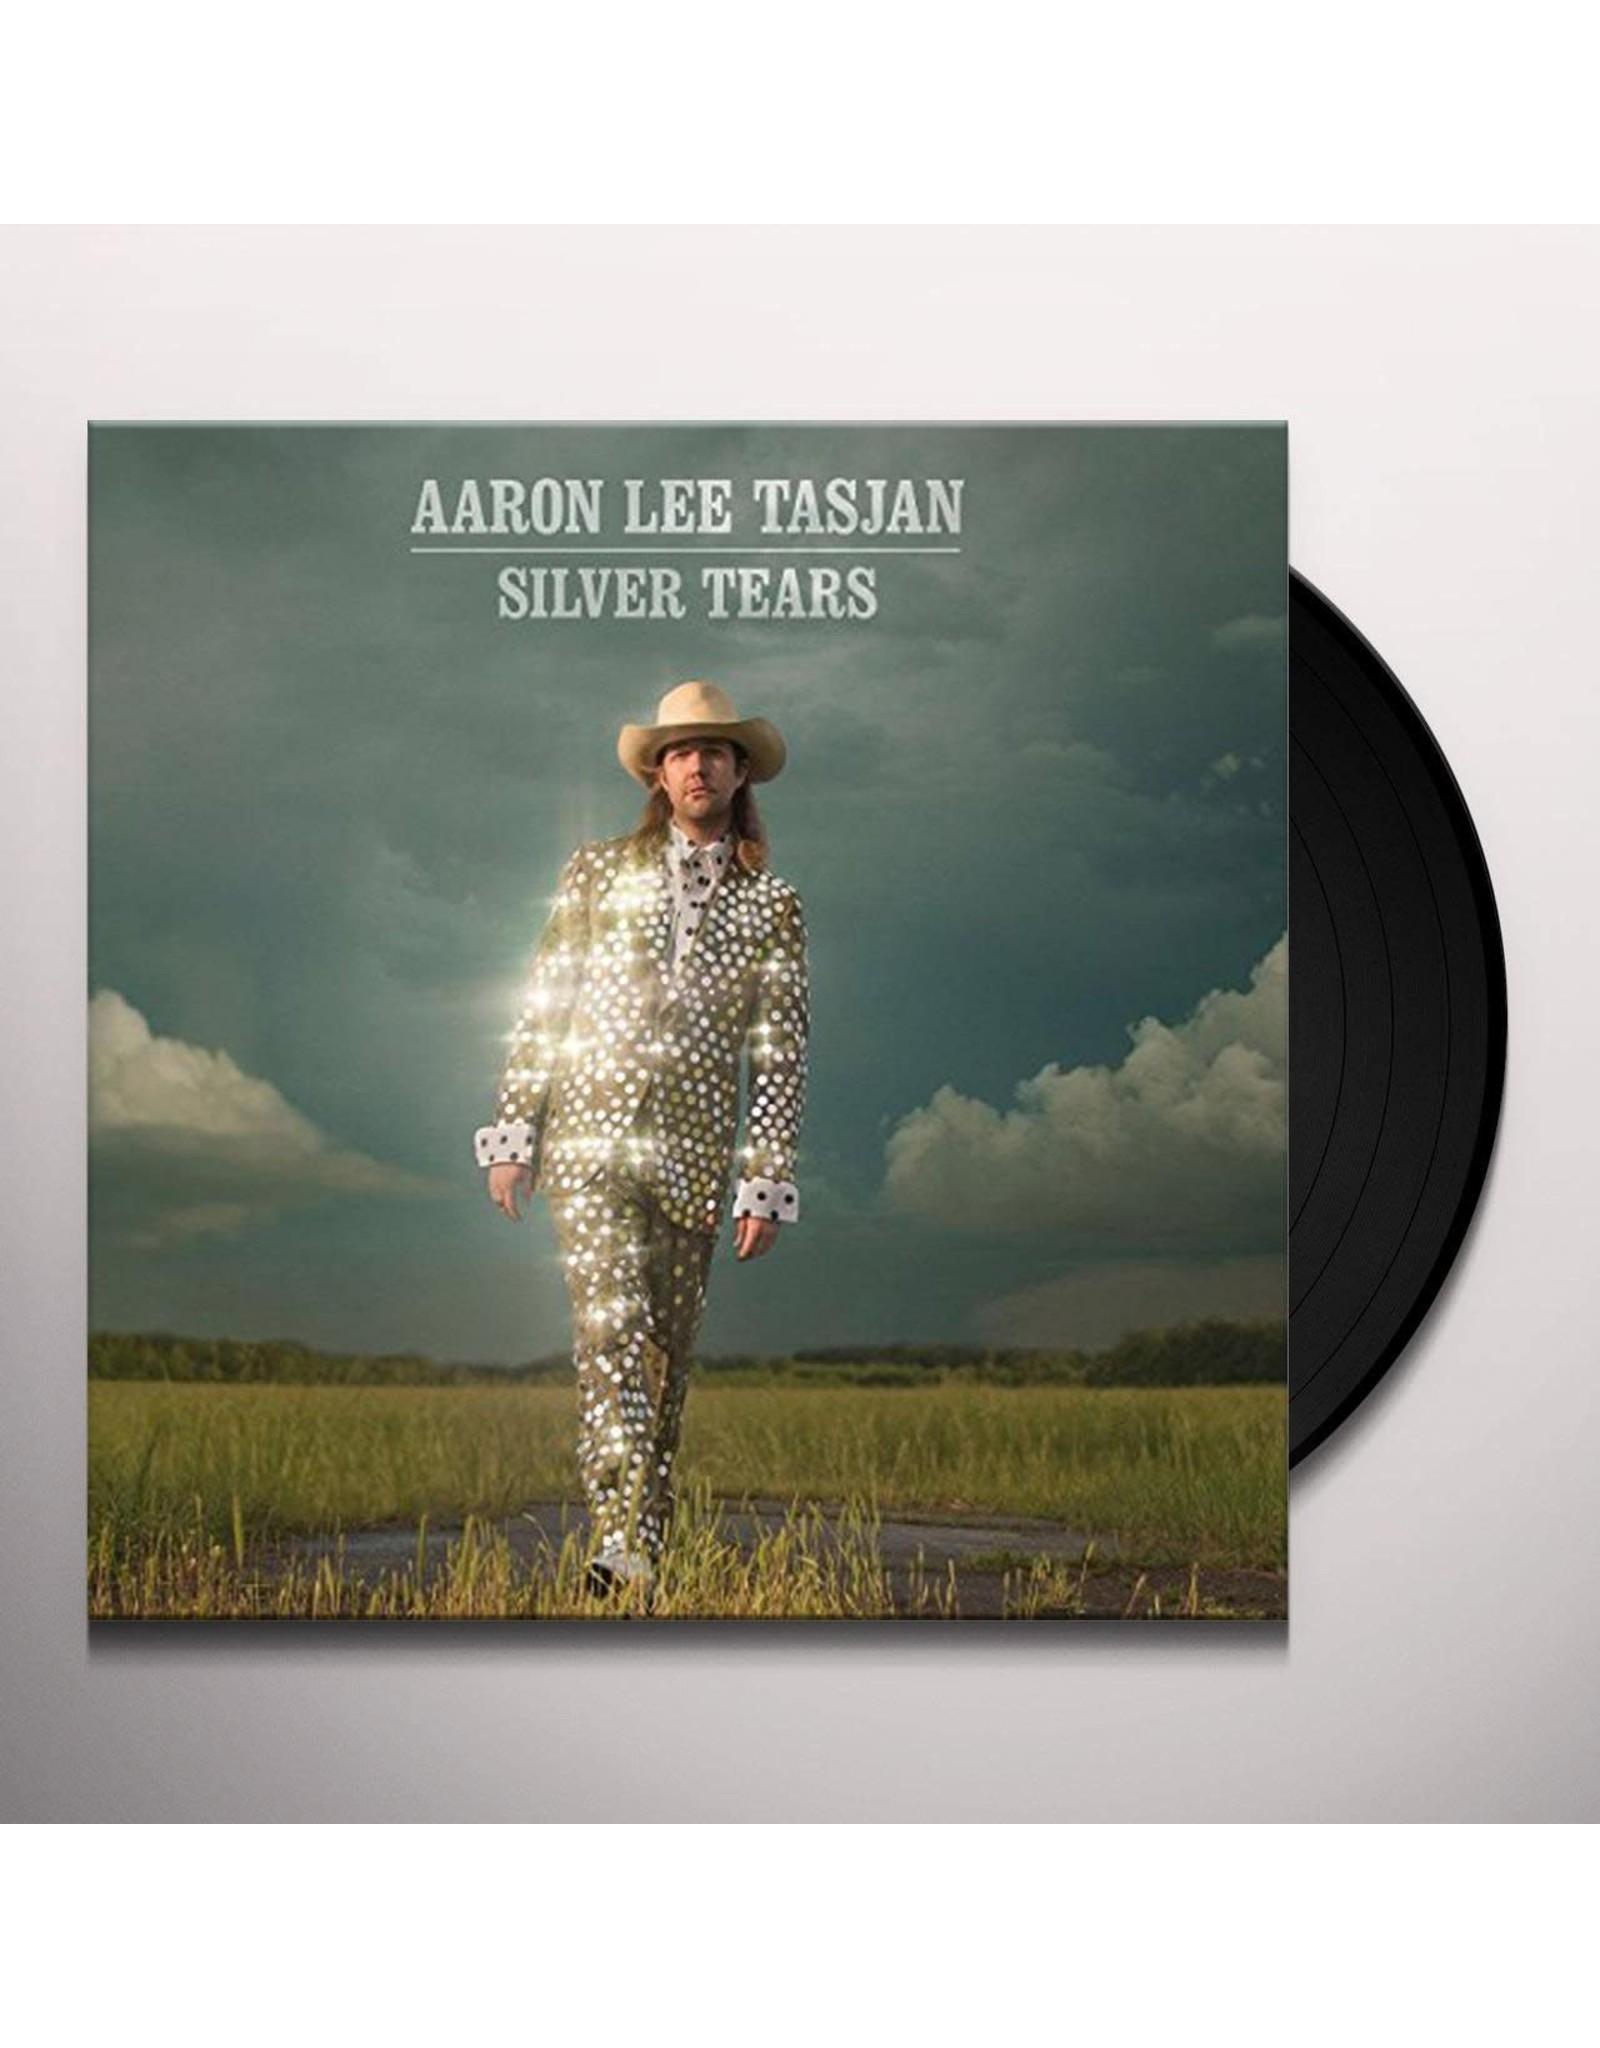 Tasjan, Aaron Lee - Silver Tears LP